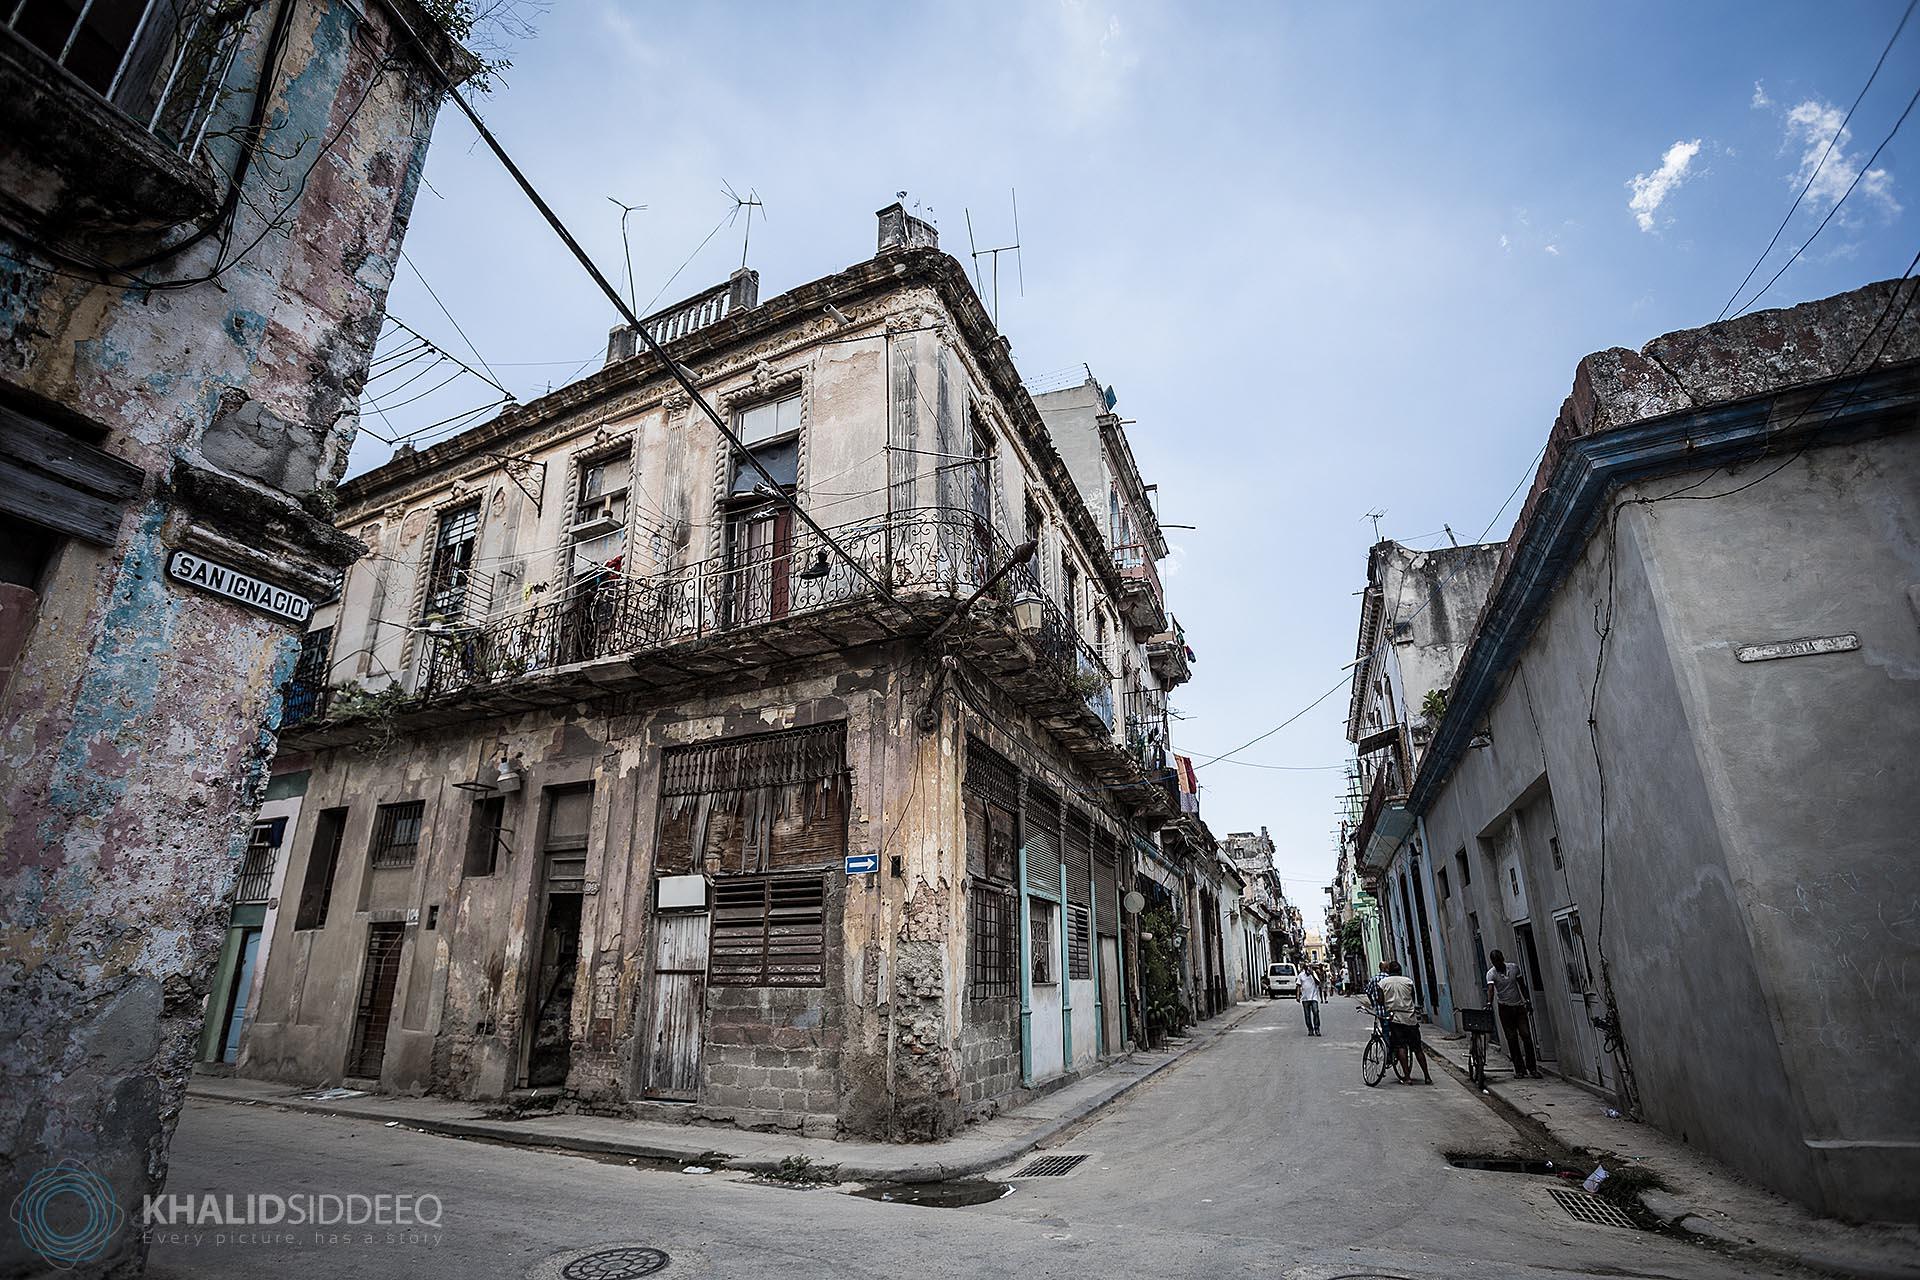 هافانا القديمة، كوبا